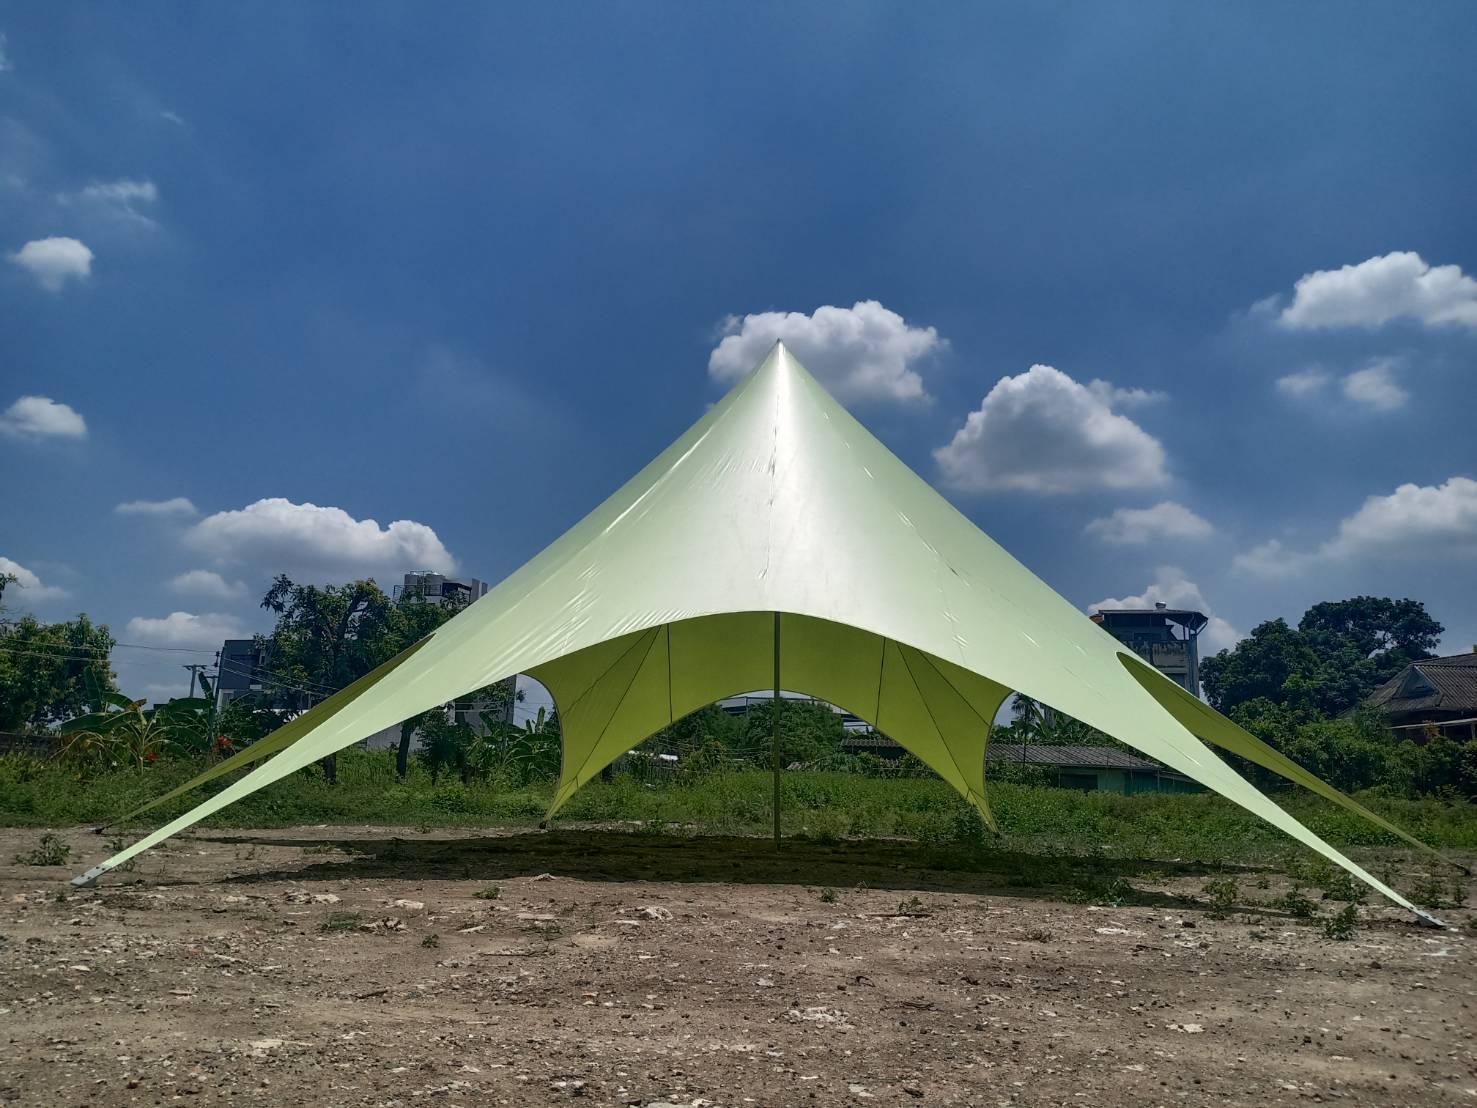 เต็นท์ดาวสีเขียว 14 เมตร